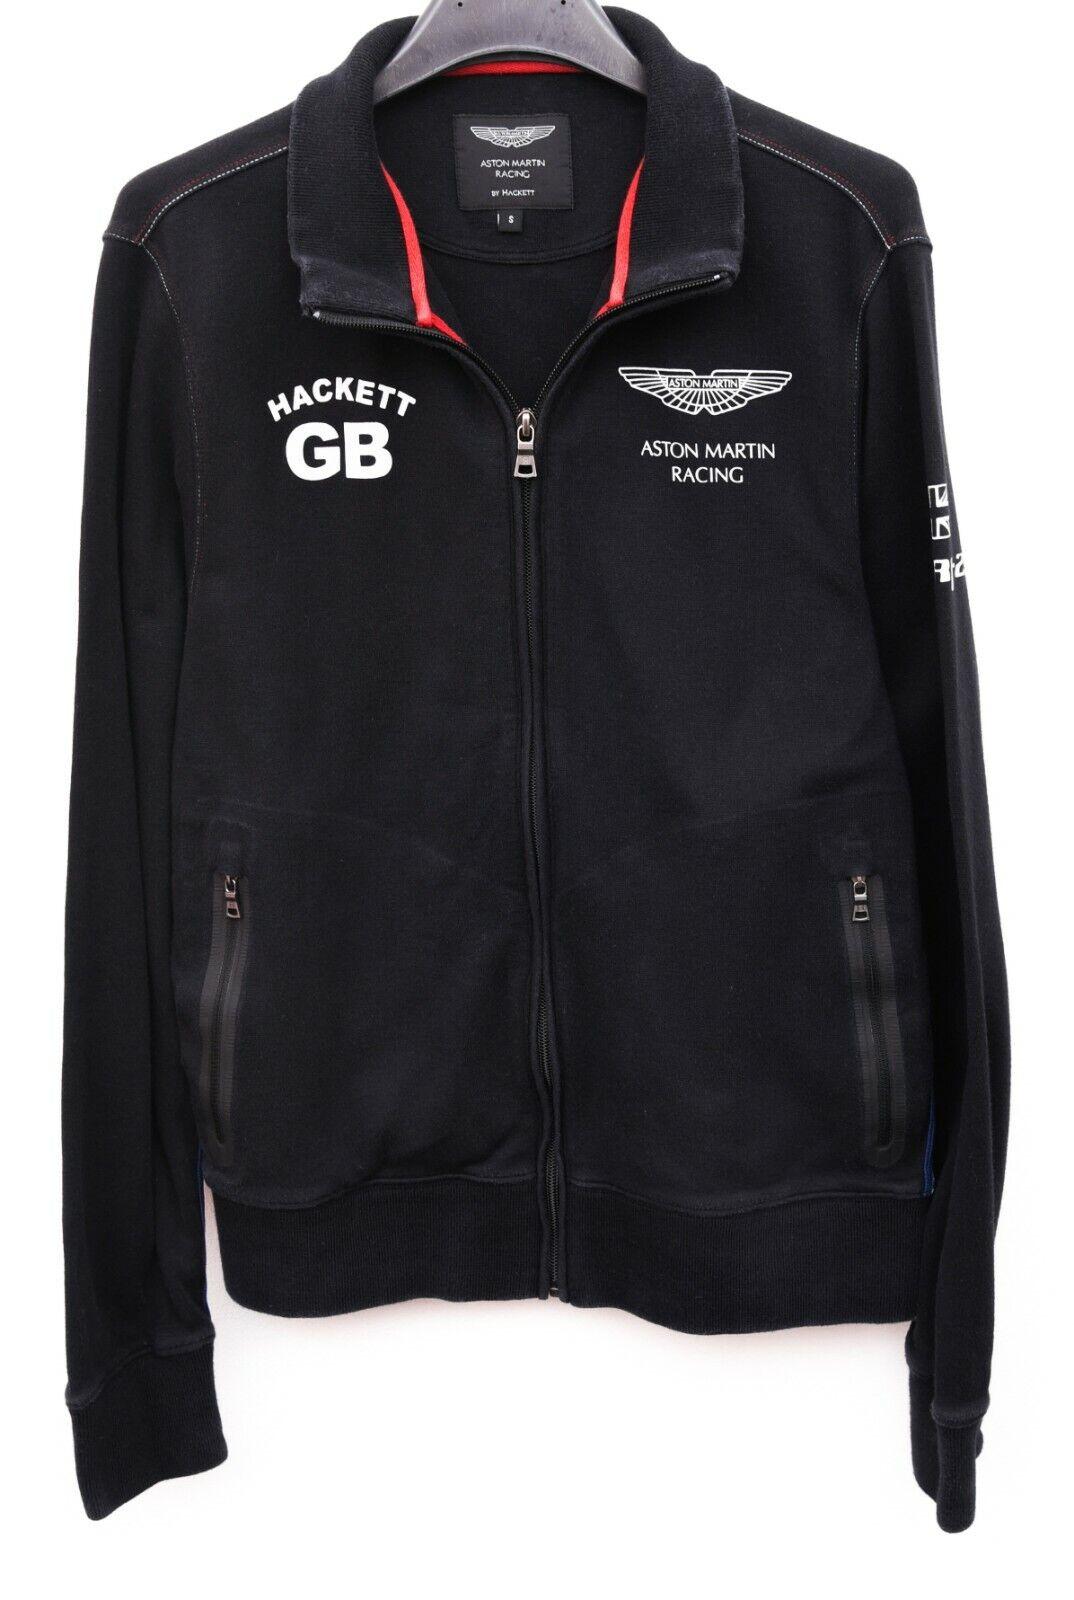 ASTON MARTIN RACING Men's S Zip Up Jumper Sweatshirt Black Sweater Cotton Top